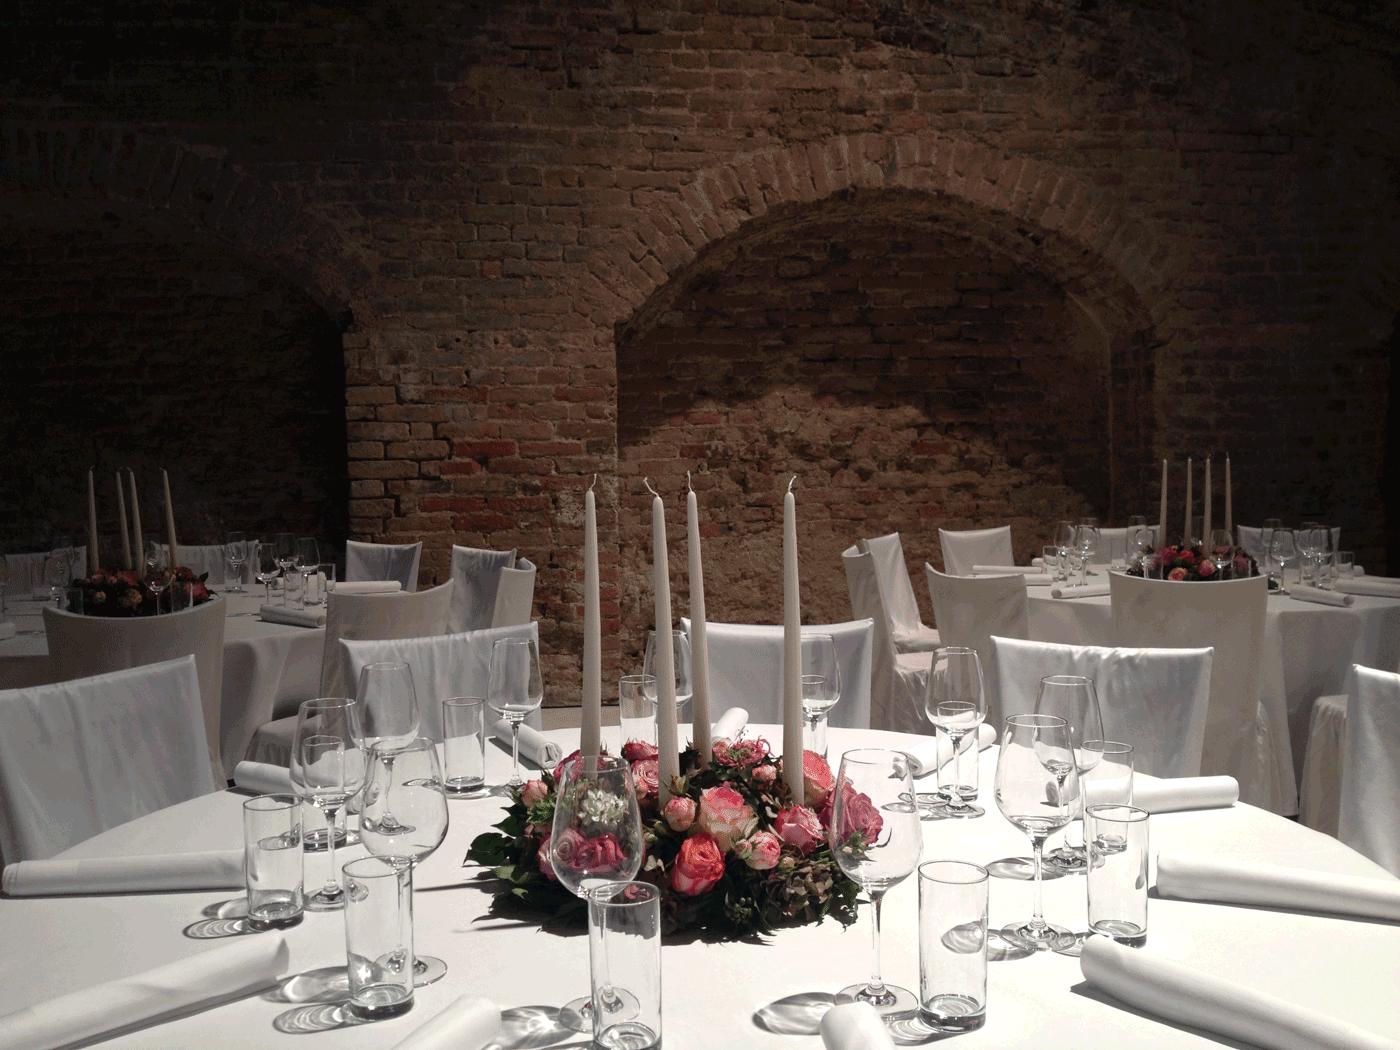 Event Floristik in einem Gewölbe mit schön gedecktem weißen Tisch und rosa Rosen Gesteck mit Kerzen auf dem Tisch